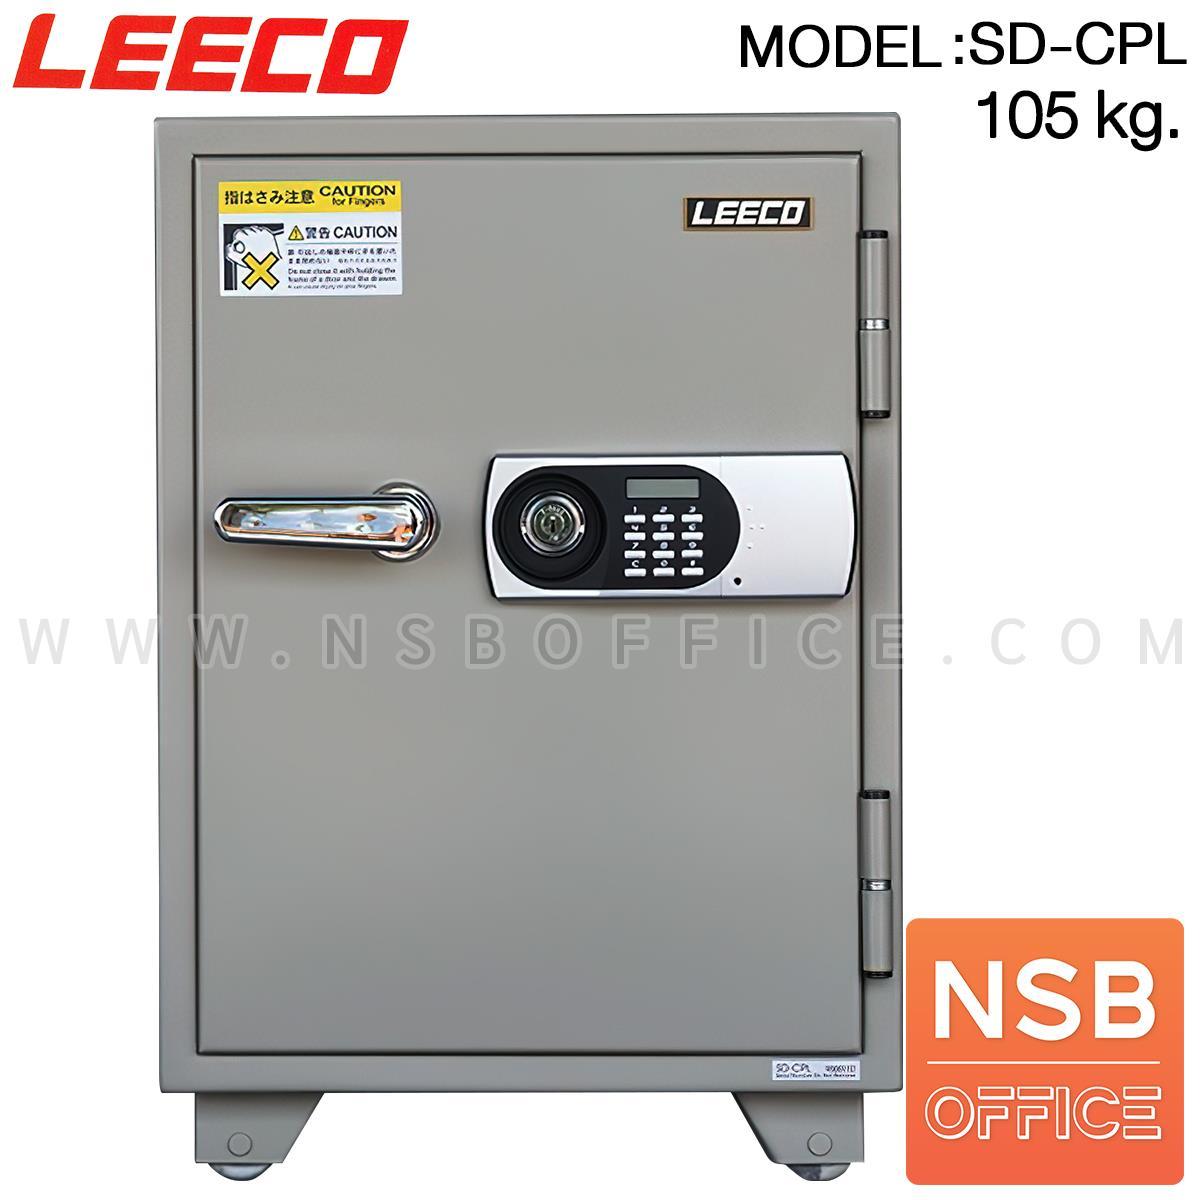 F02A060:ตู้เซฟนิรภัยระบบดิจิตอล 105 กก. รุ่น SD-CPL